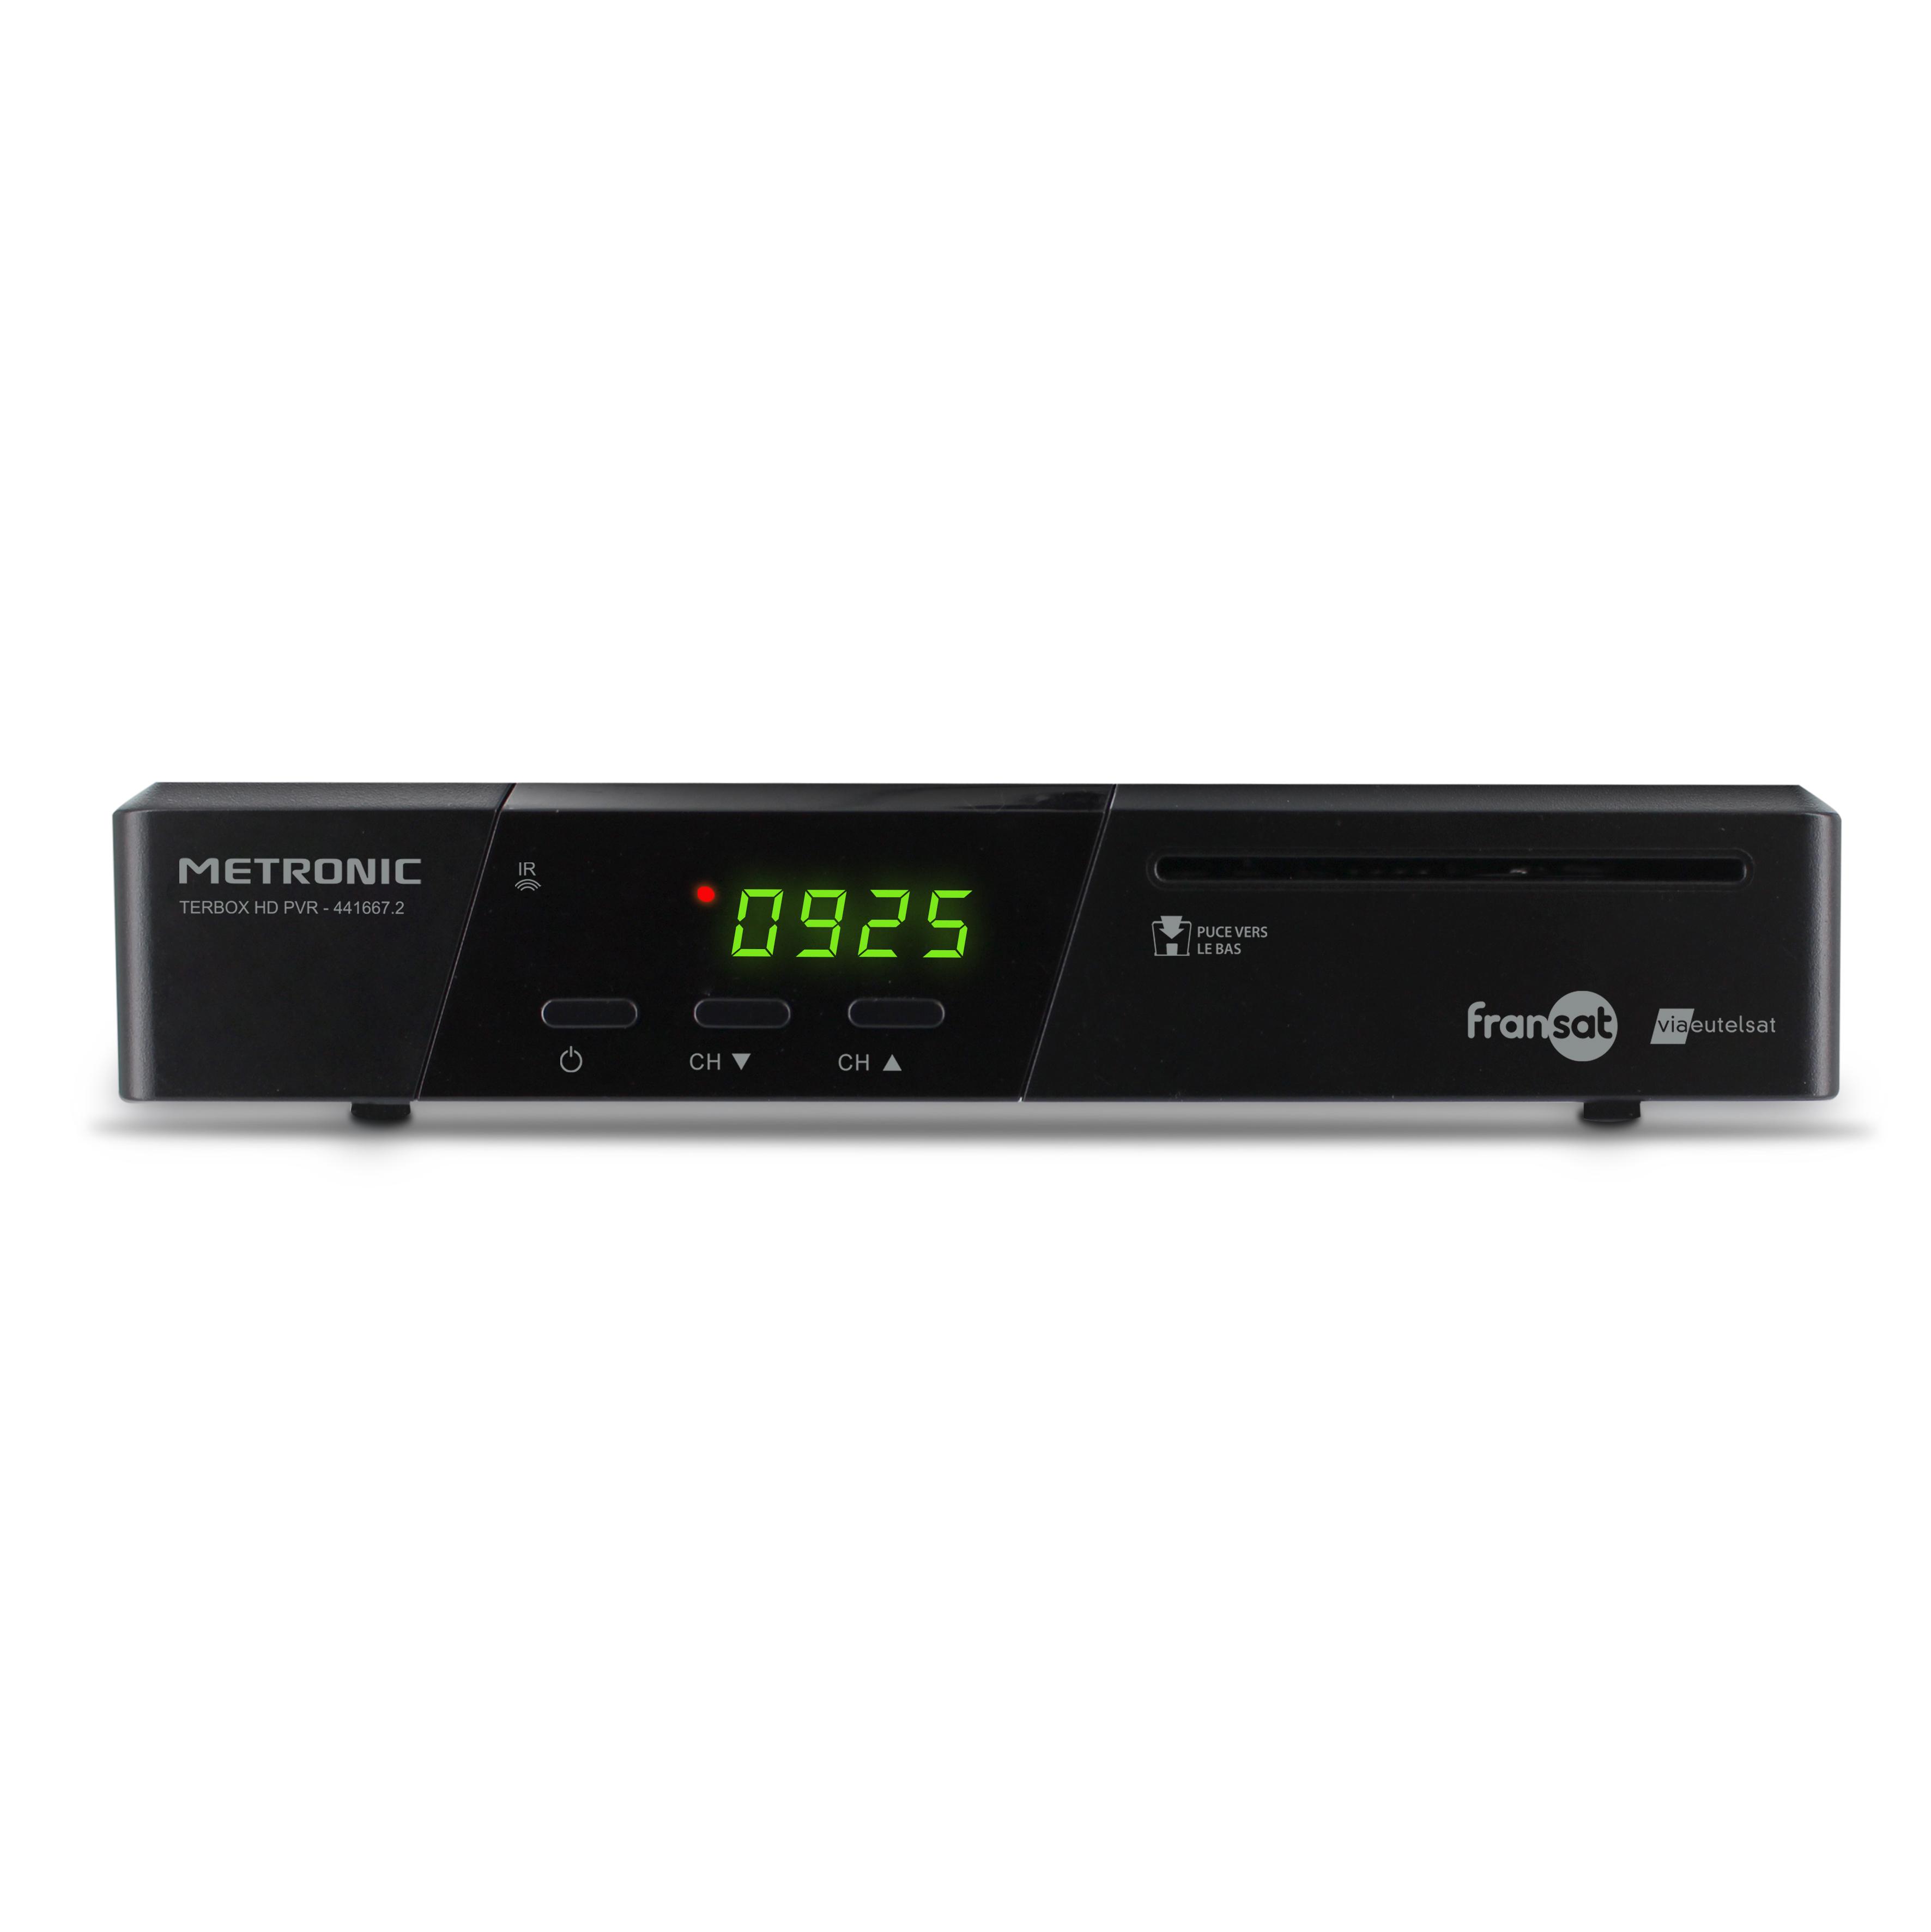 METRONIC TERBOX HD 441667.2>